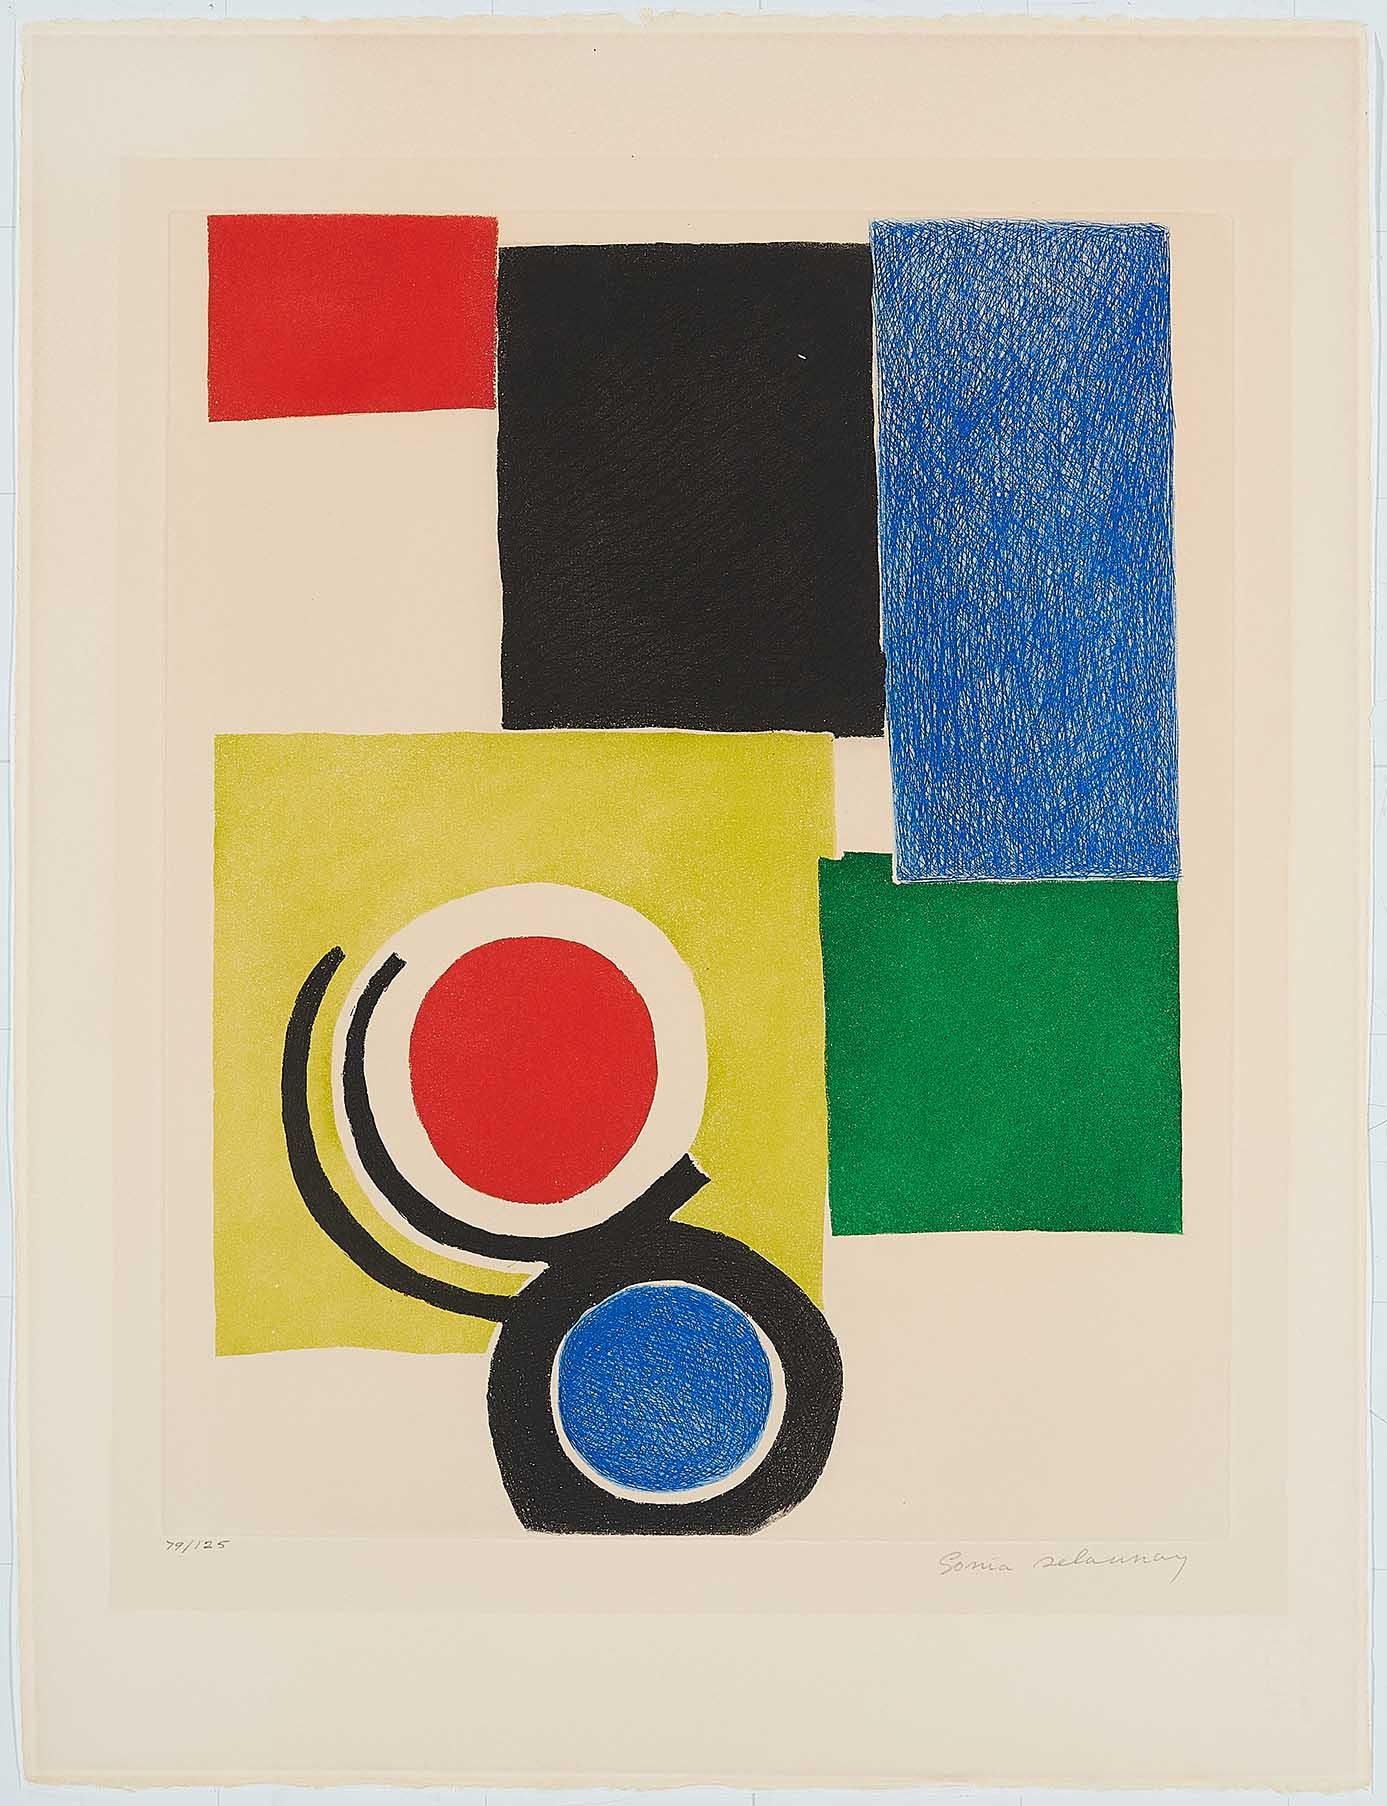 Sonia Delaunay, Untitled